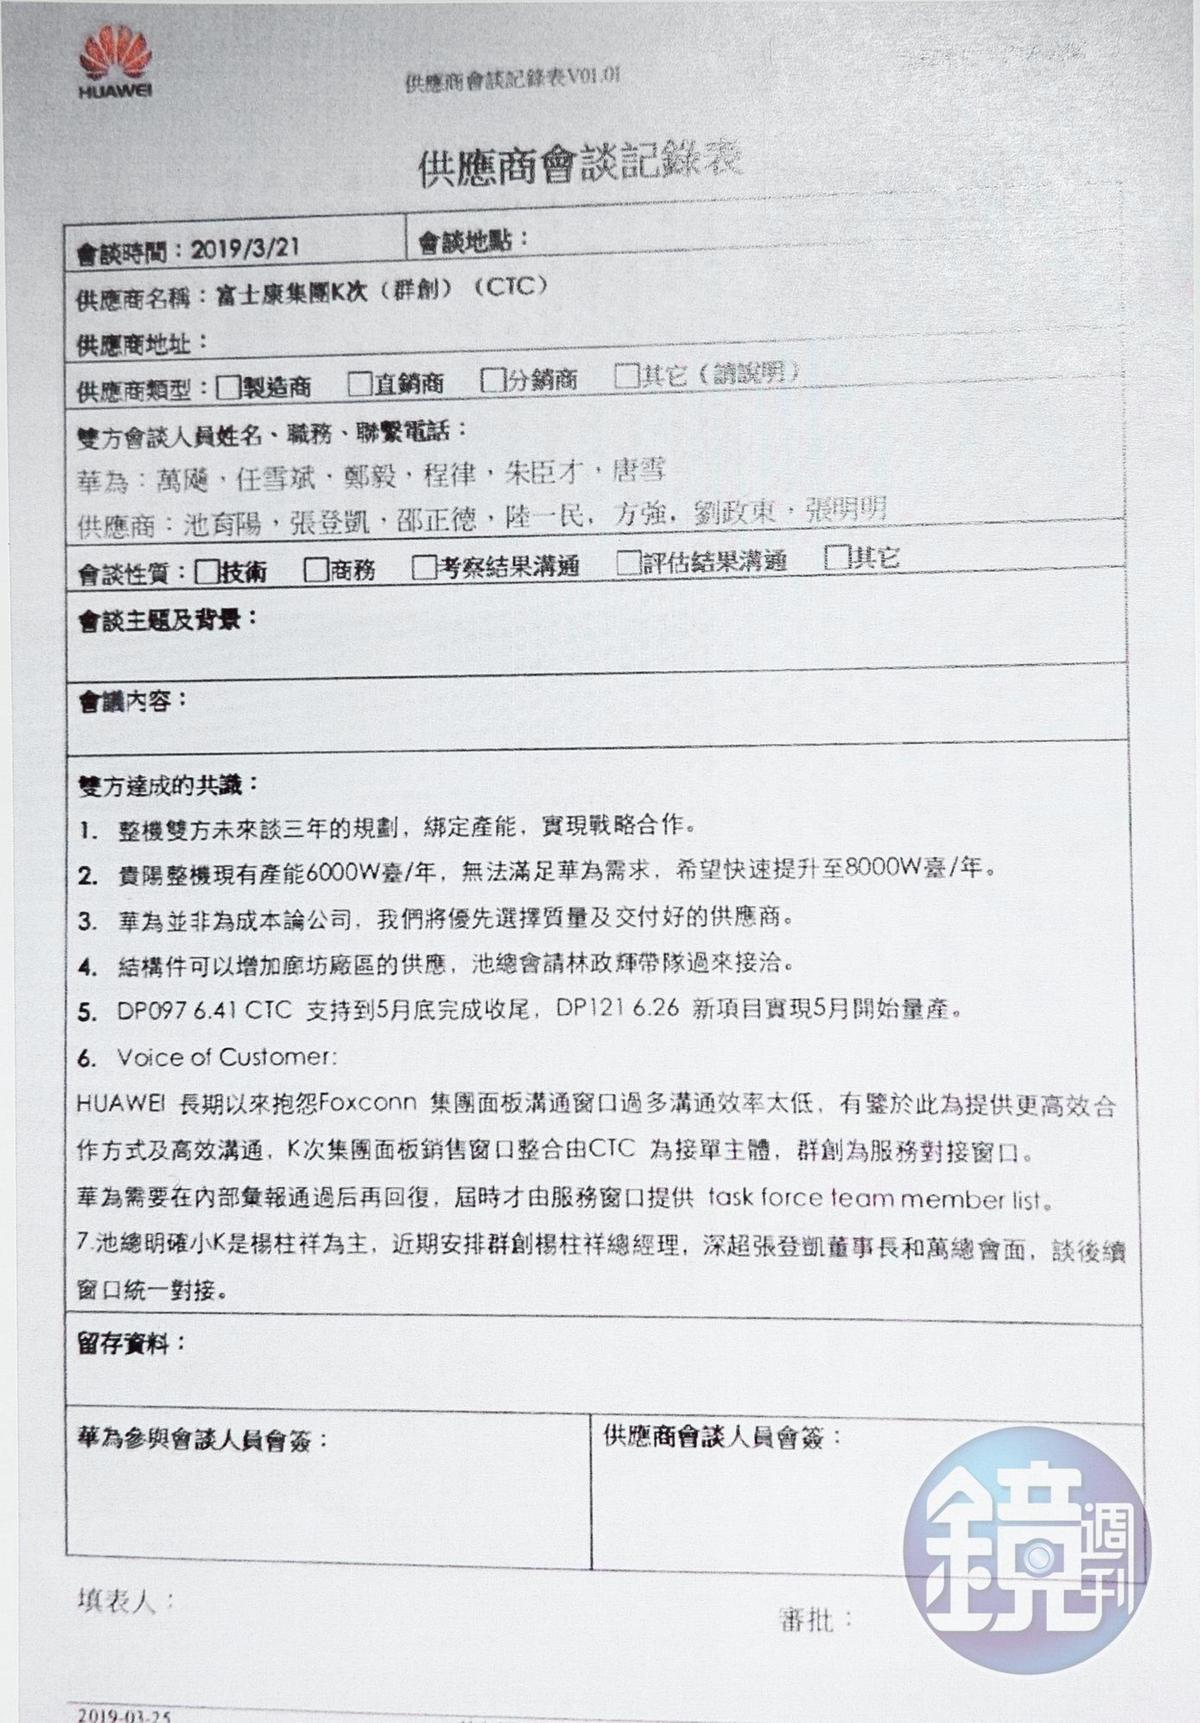 華為會議紀錄顯示,近期華為將與群創商討窗口統一對接,鴻海集團與華為未來3年規劃,以及綁定產能等議題。